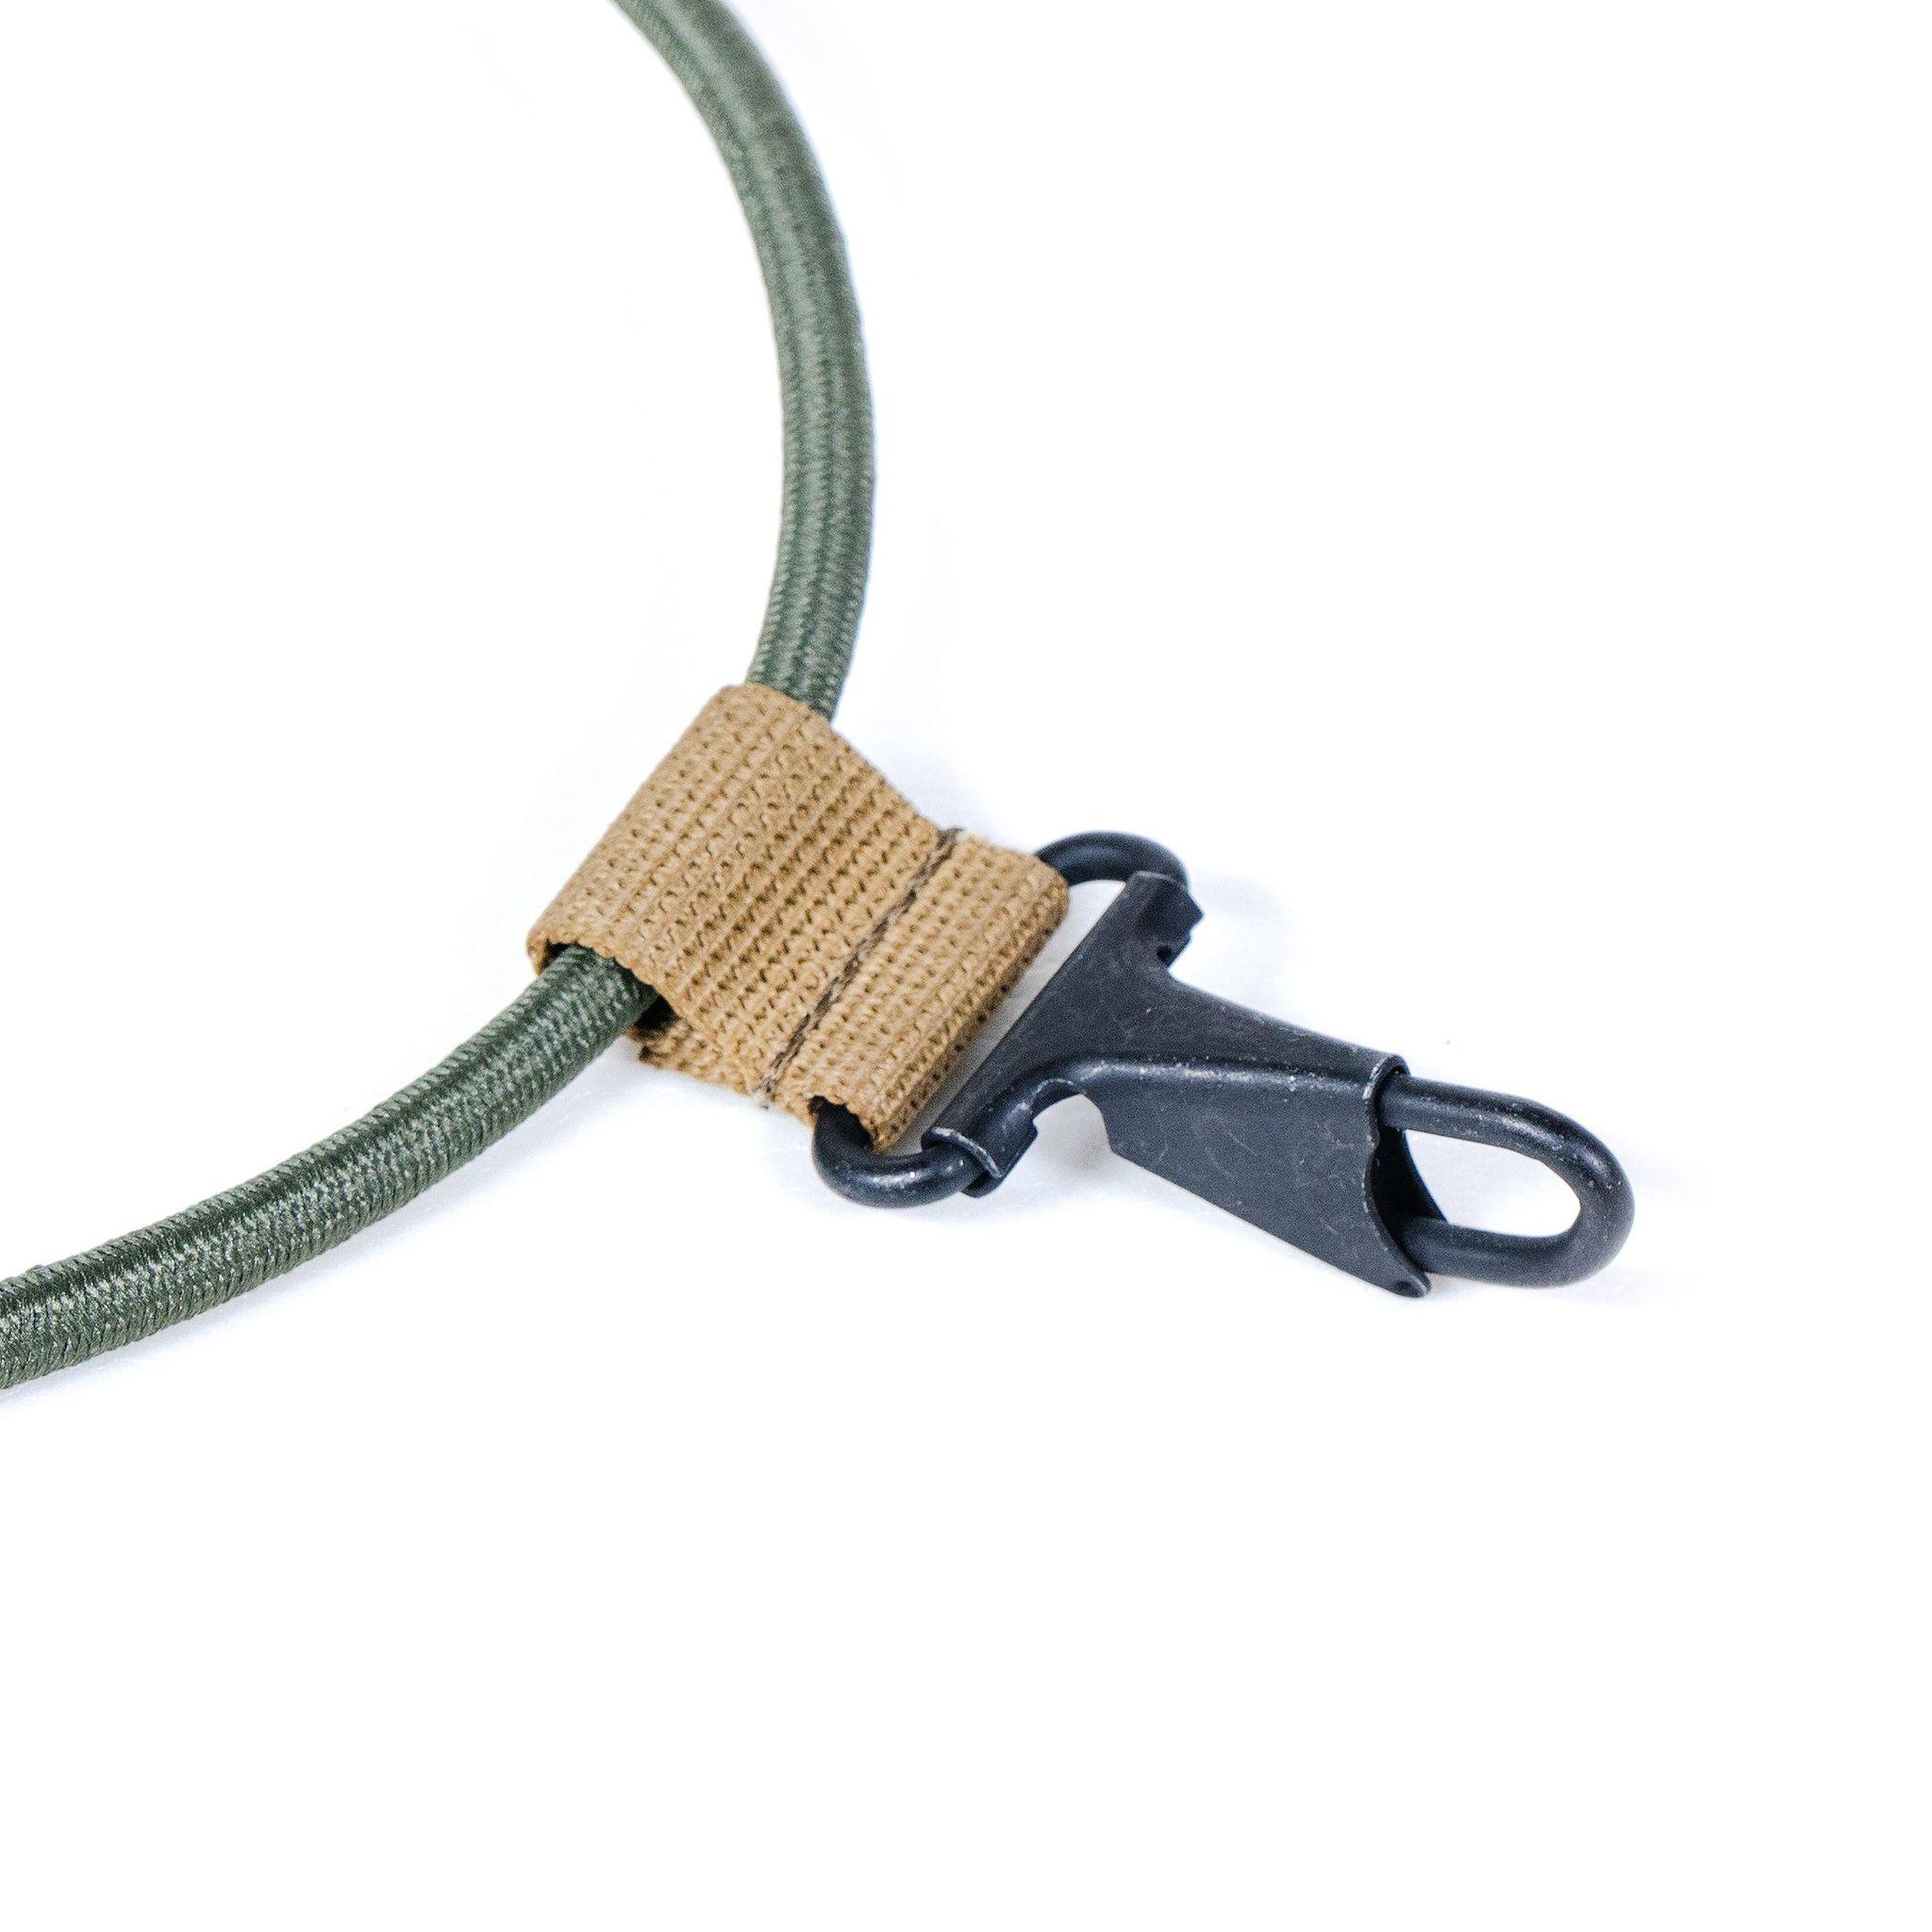 Ремень тактический одно-точечный с резиновым жгутом Стич Профи